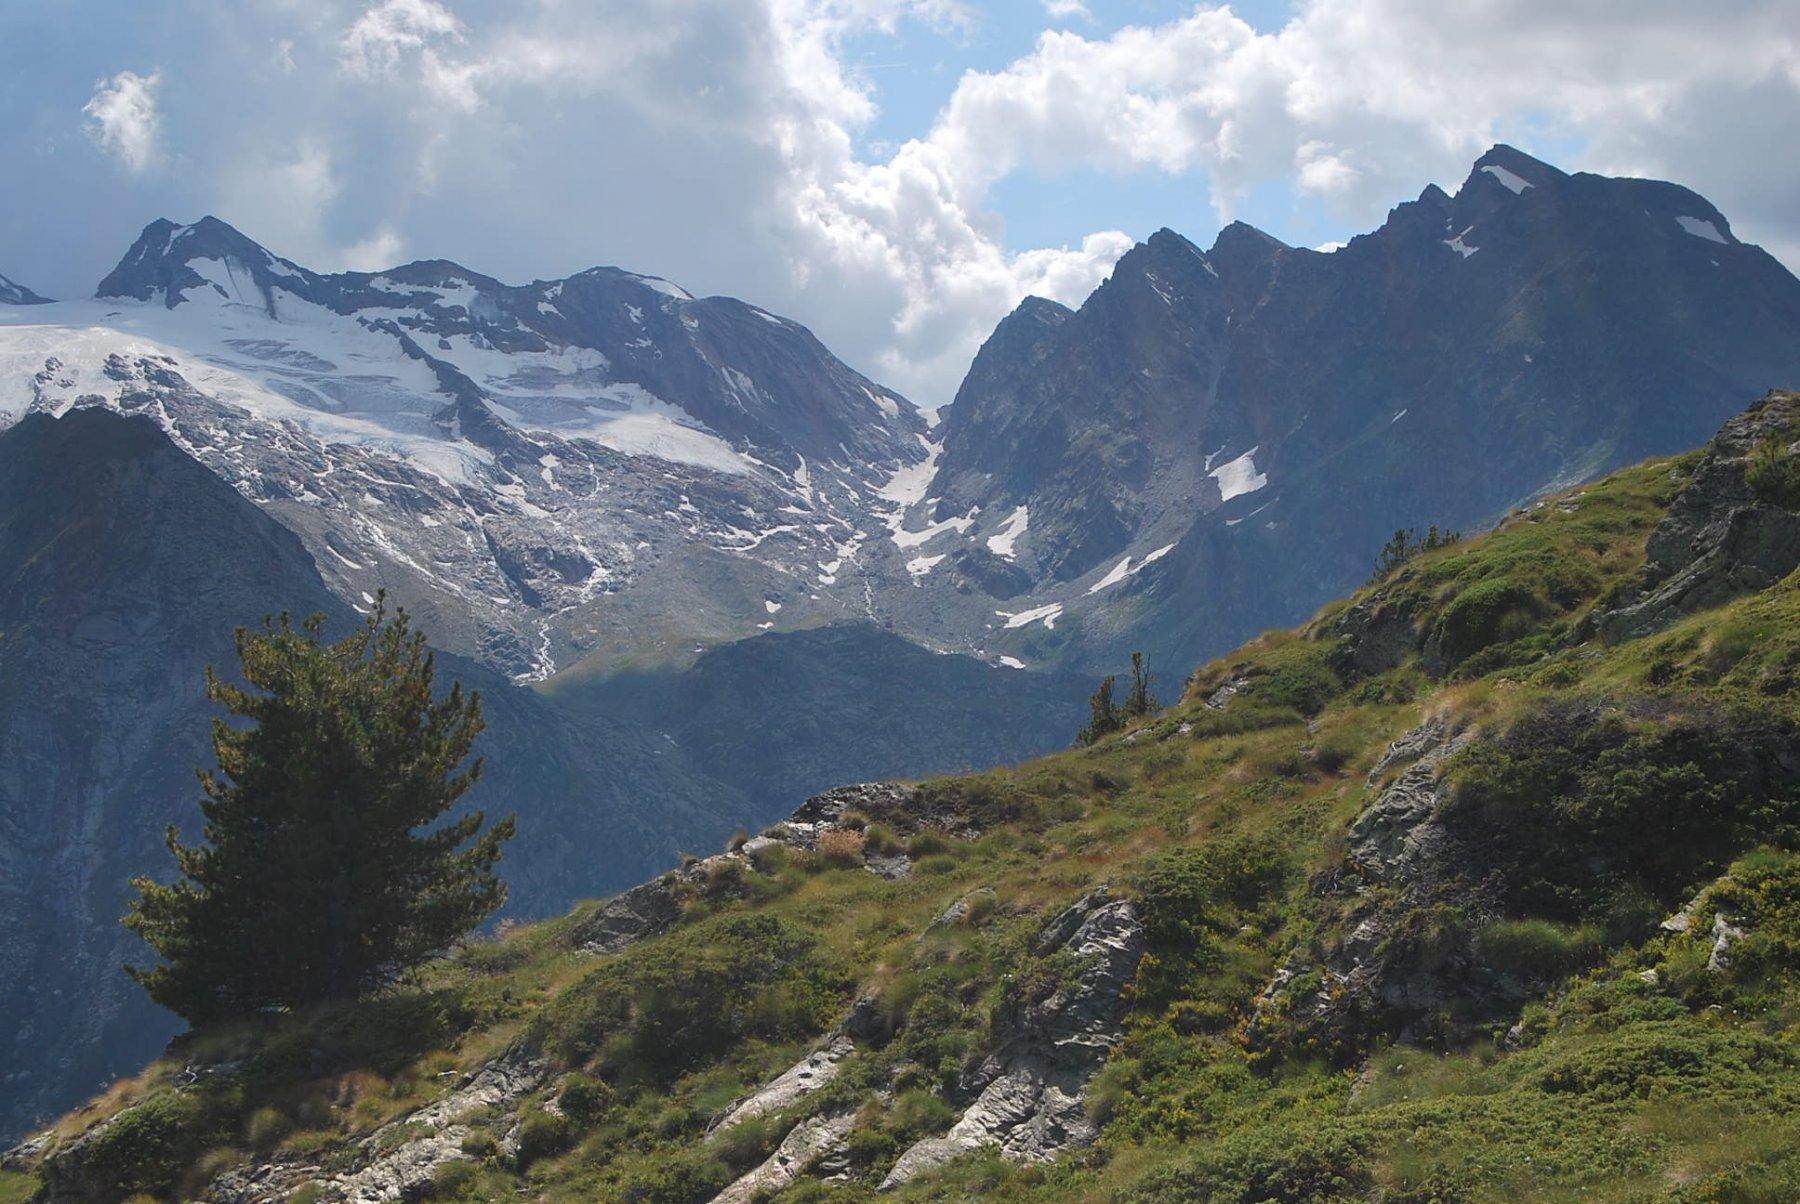 Dalla cresta sopra il colle: Rutor e Paramont